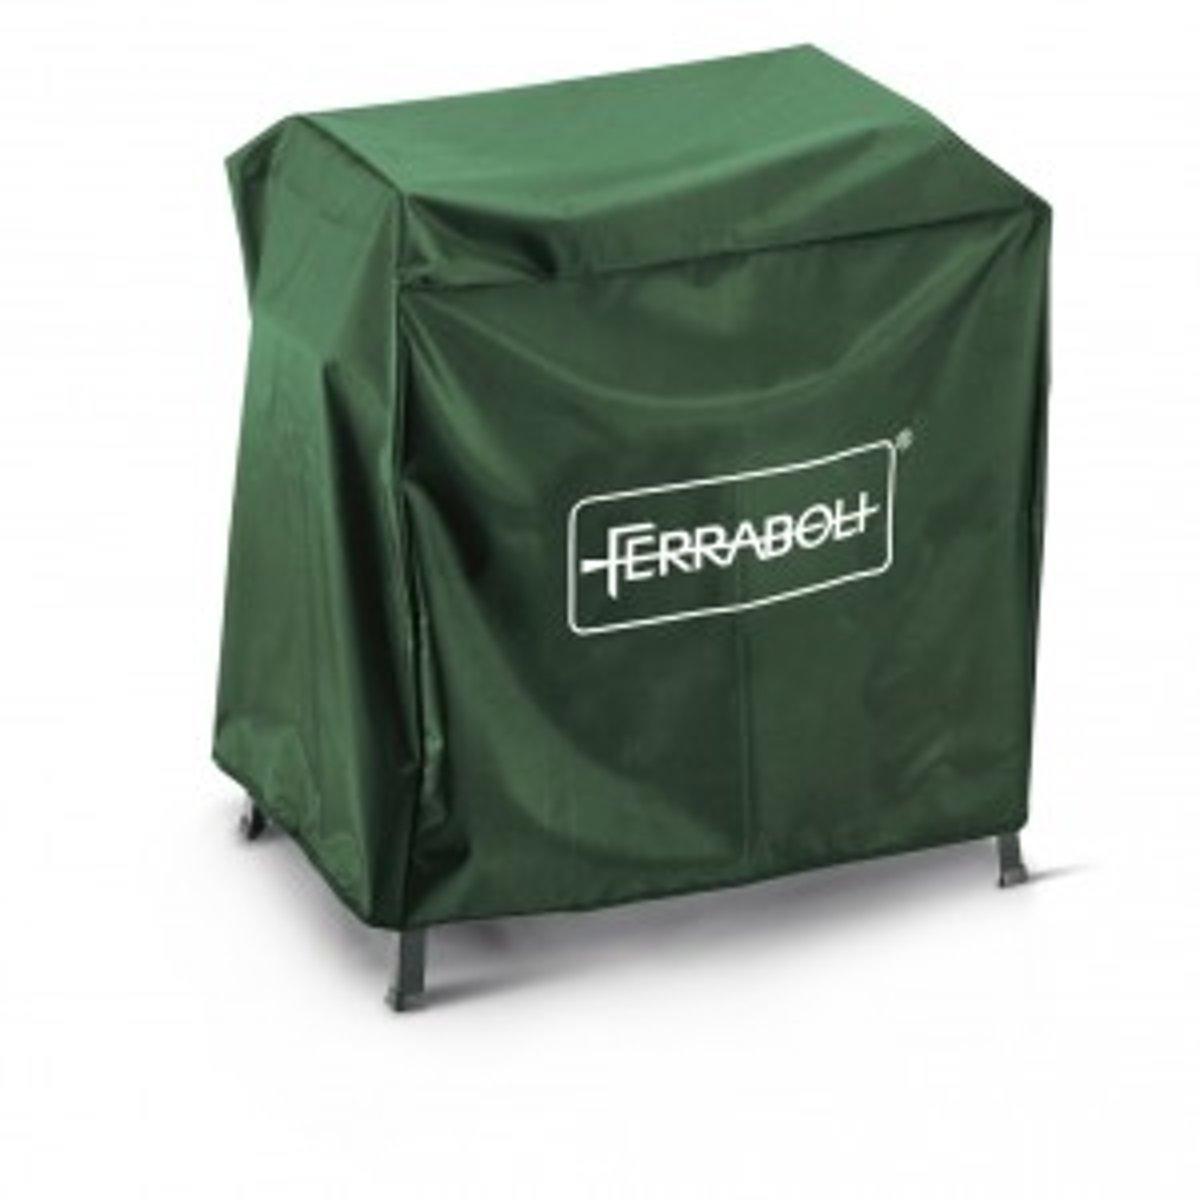 Cover voor Barbecue Ferraboli middel - zwart kopen